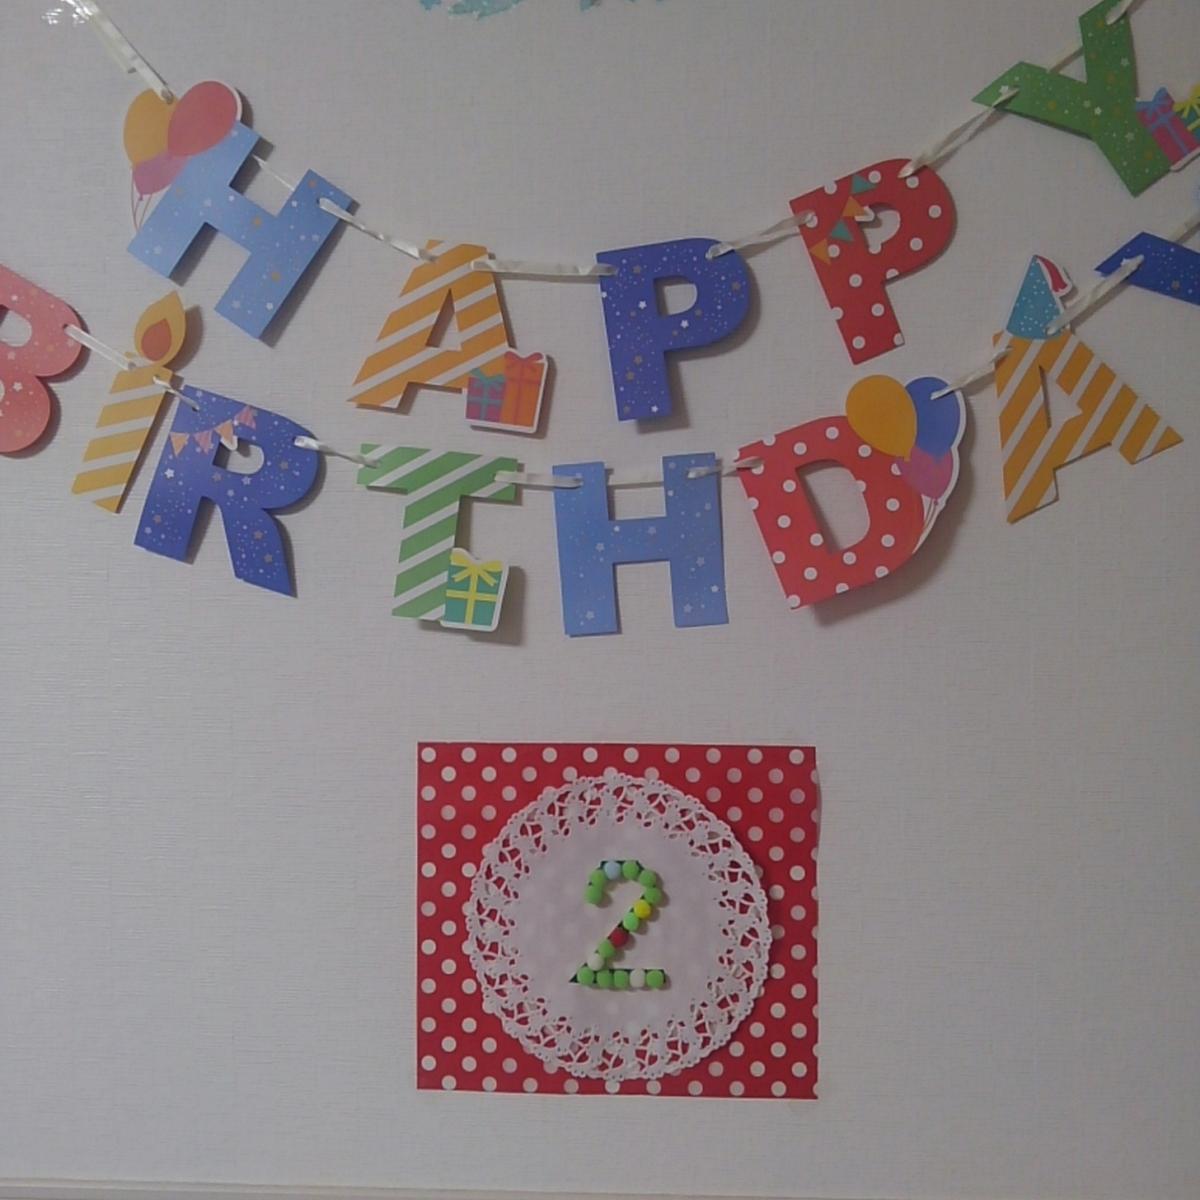 誕生日 年齢デコレーション 壁飾り